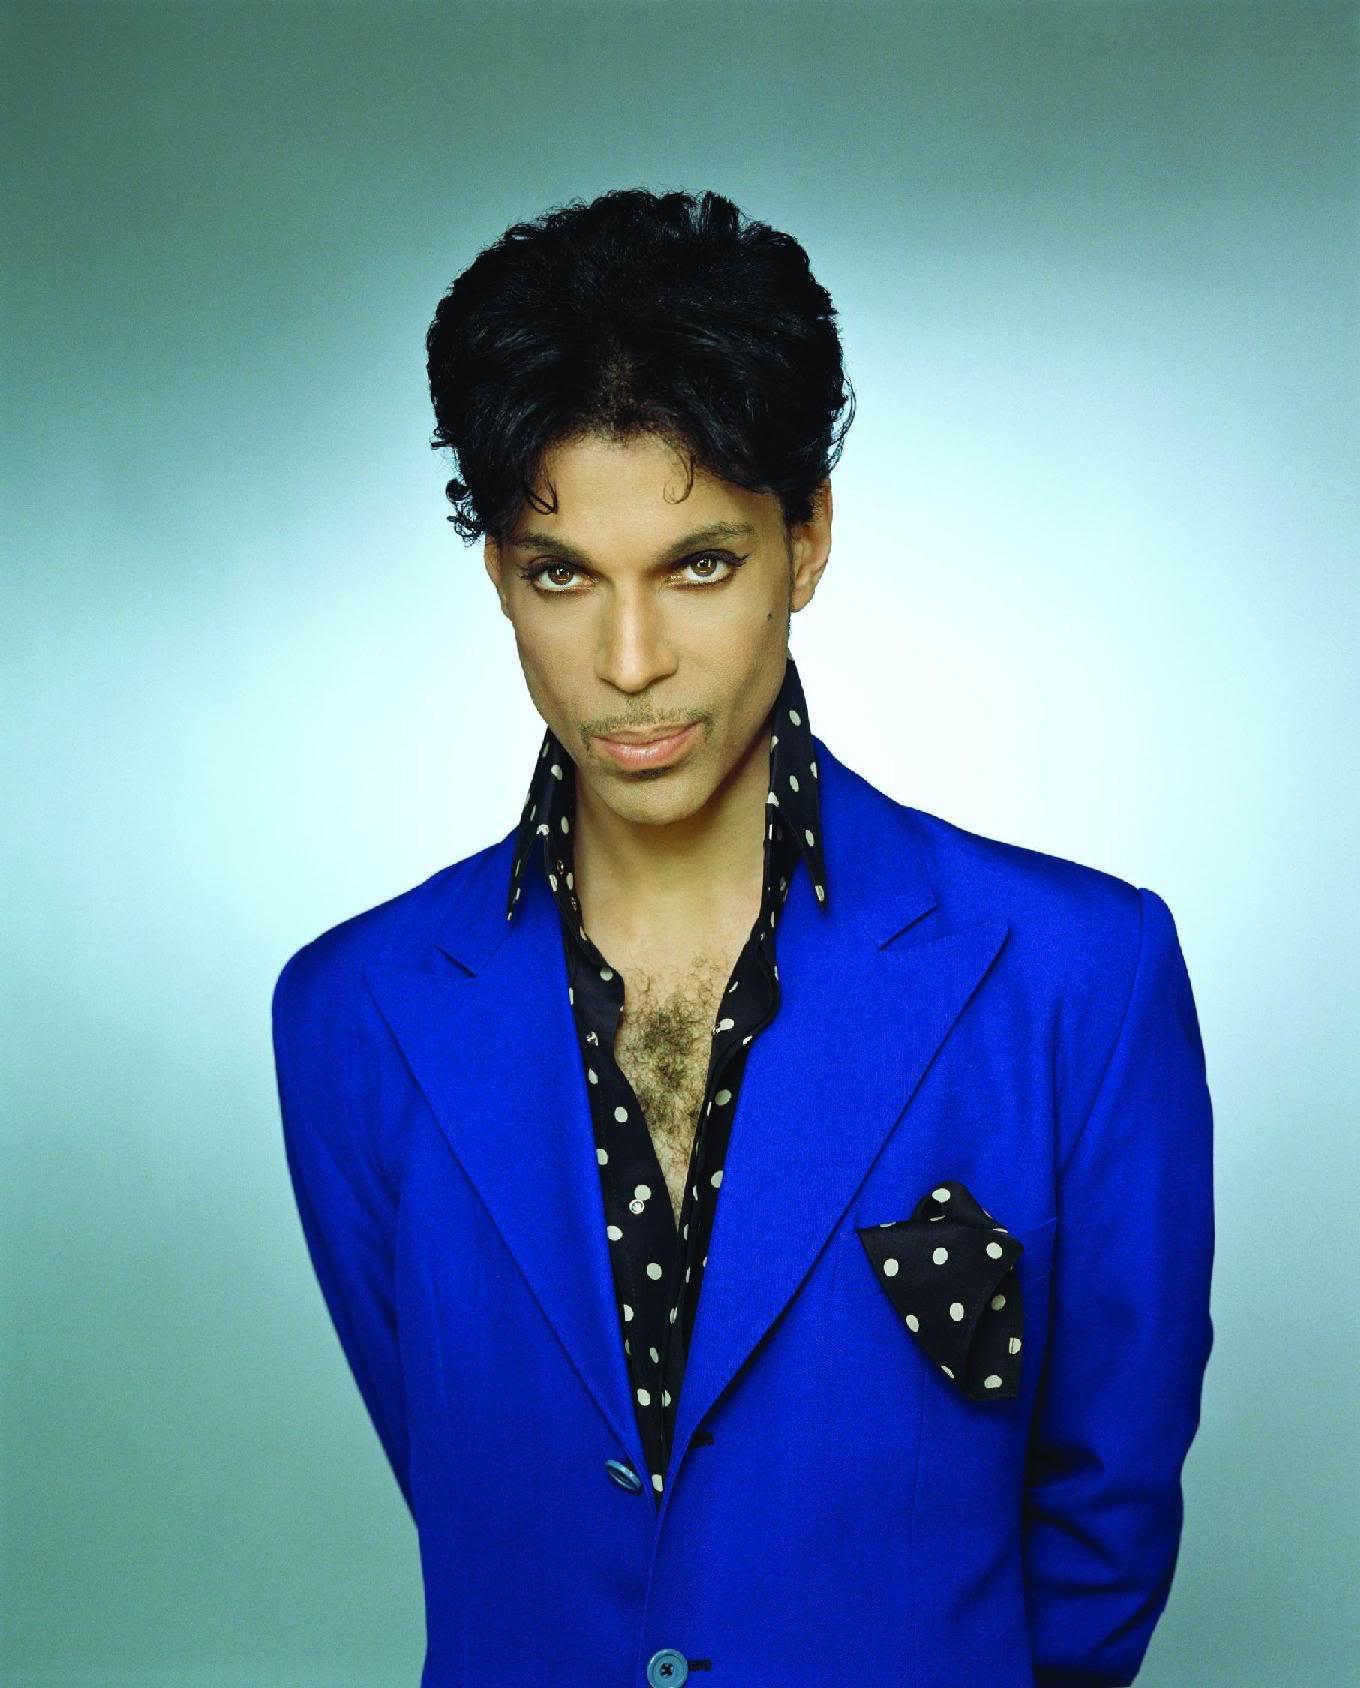 Prince: 1958 - 2016 3